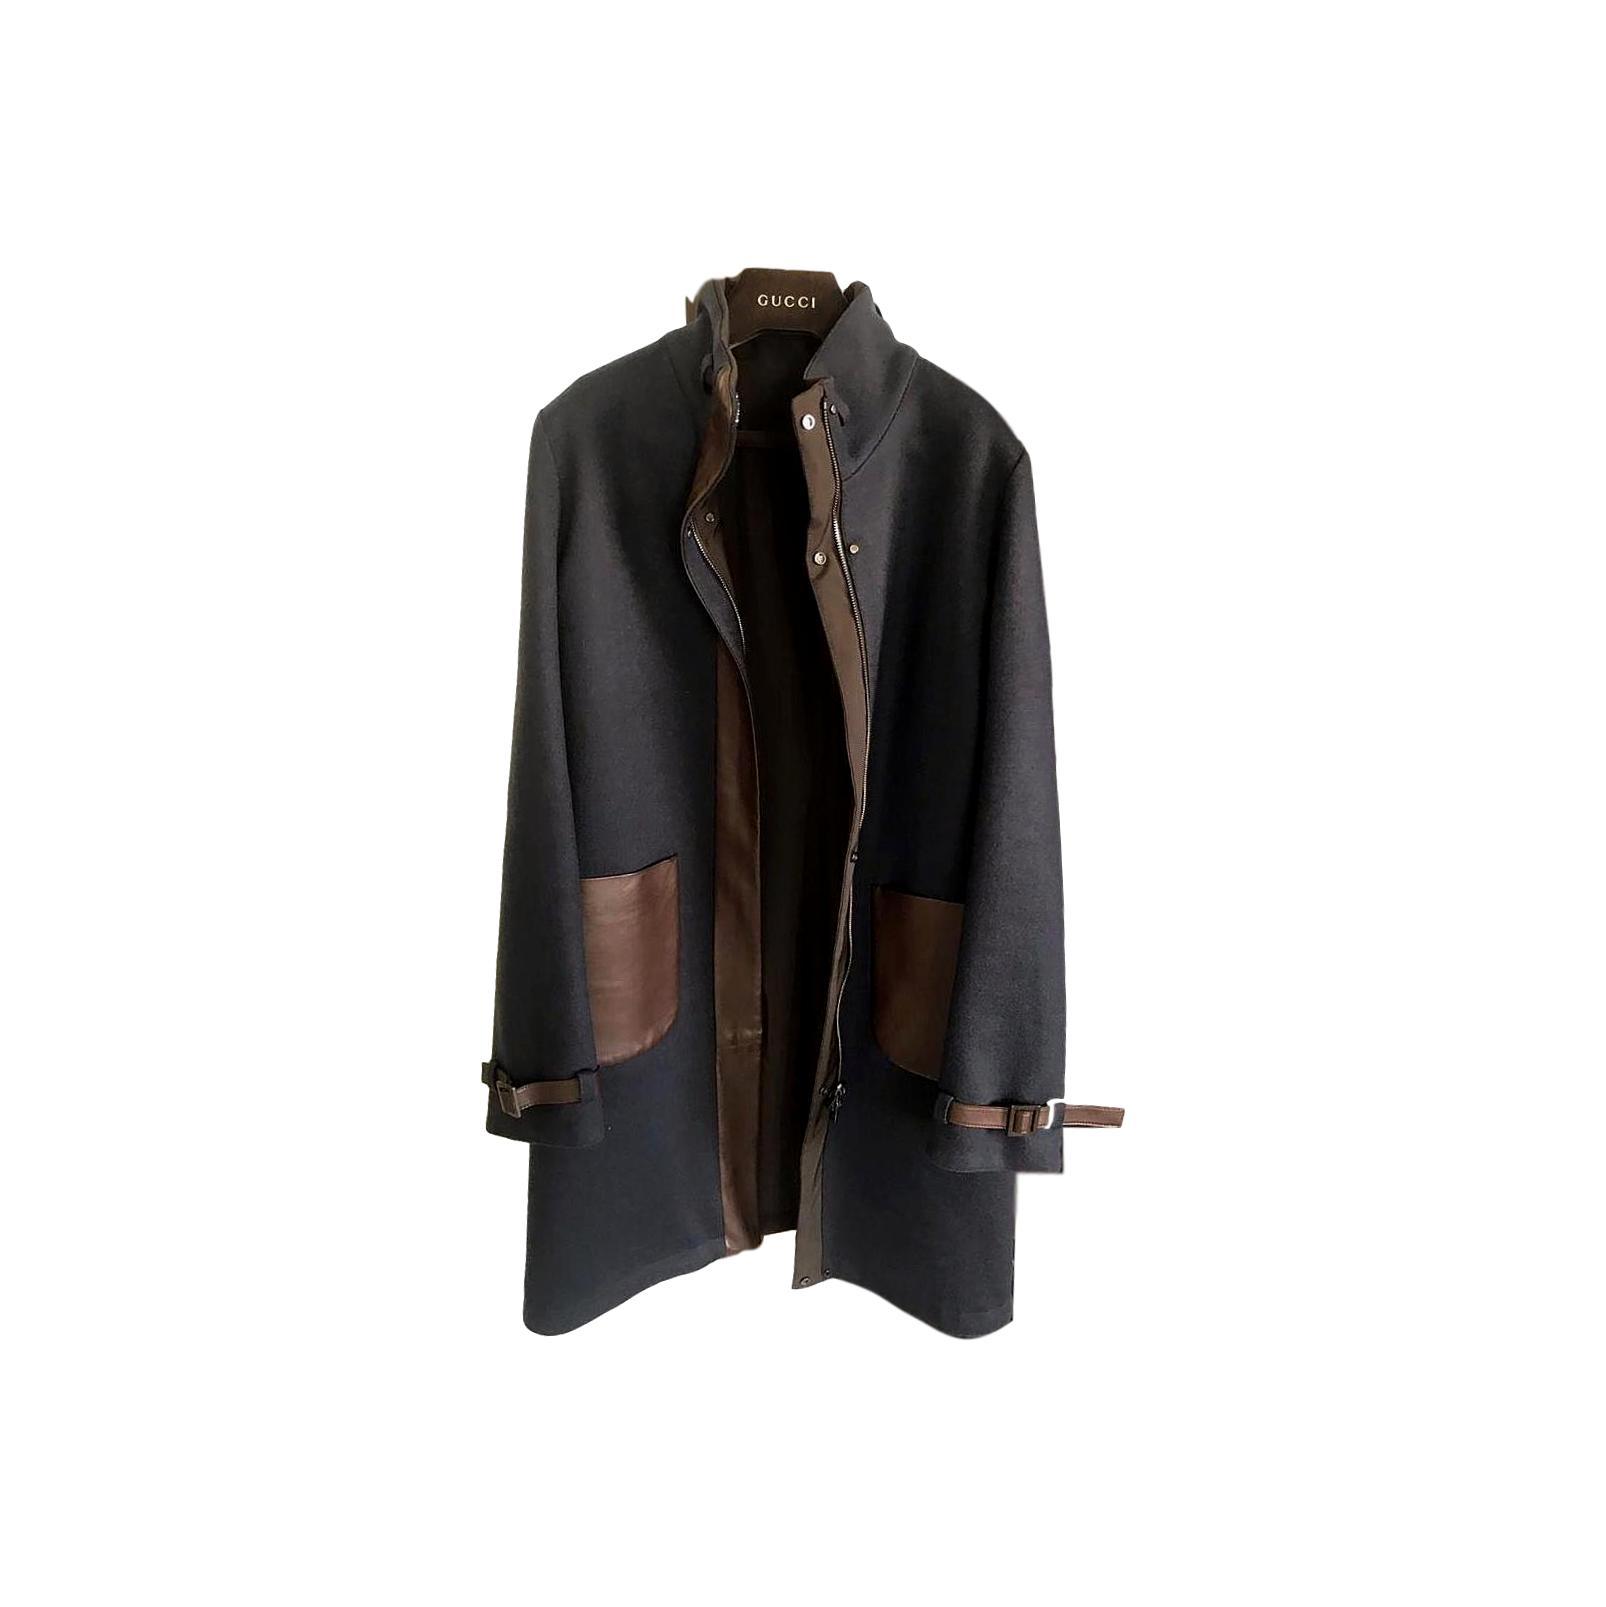 bc1def4101f Купить пальто Loro Piana за 75300 руб. в интернет магазине - бутике ...